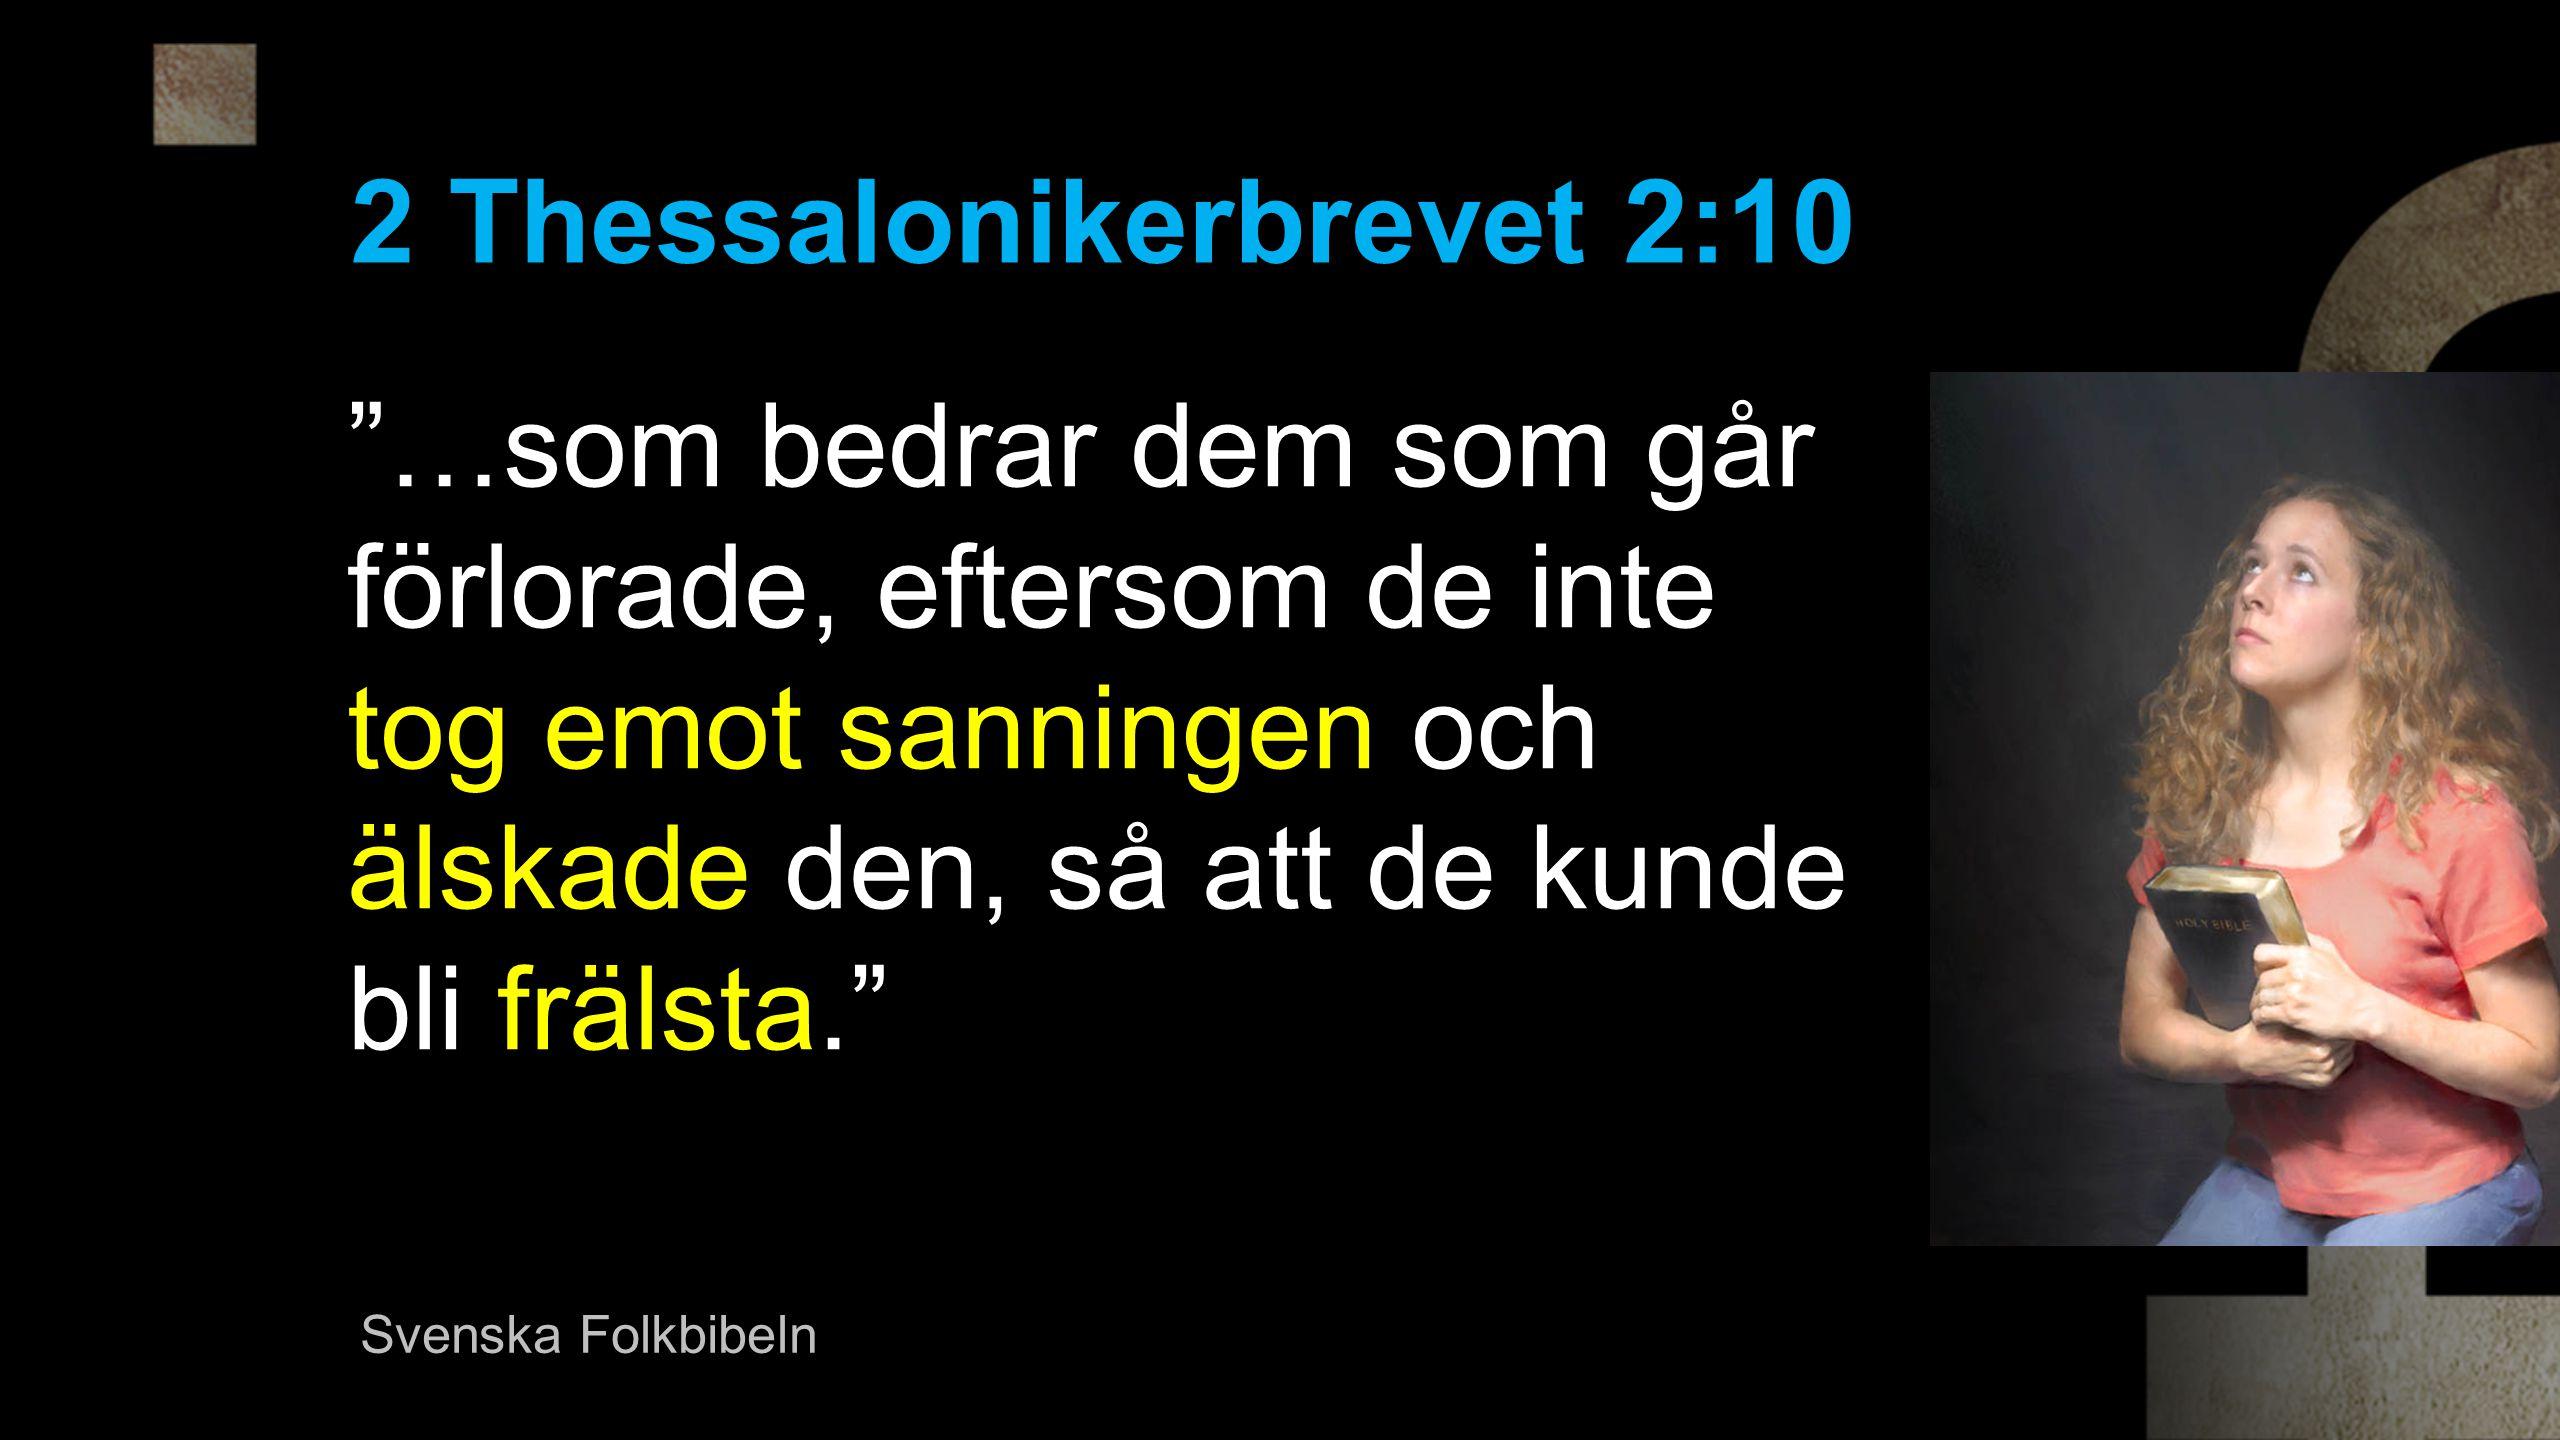 …som bedrar dem som går förlorade, eftersom de inte tog emot sanningen och älskade den, så att de kunde bli frälsta. 2 Thessalonikerbrevet 2:10 Svenska Folkbibeln